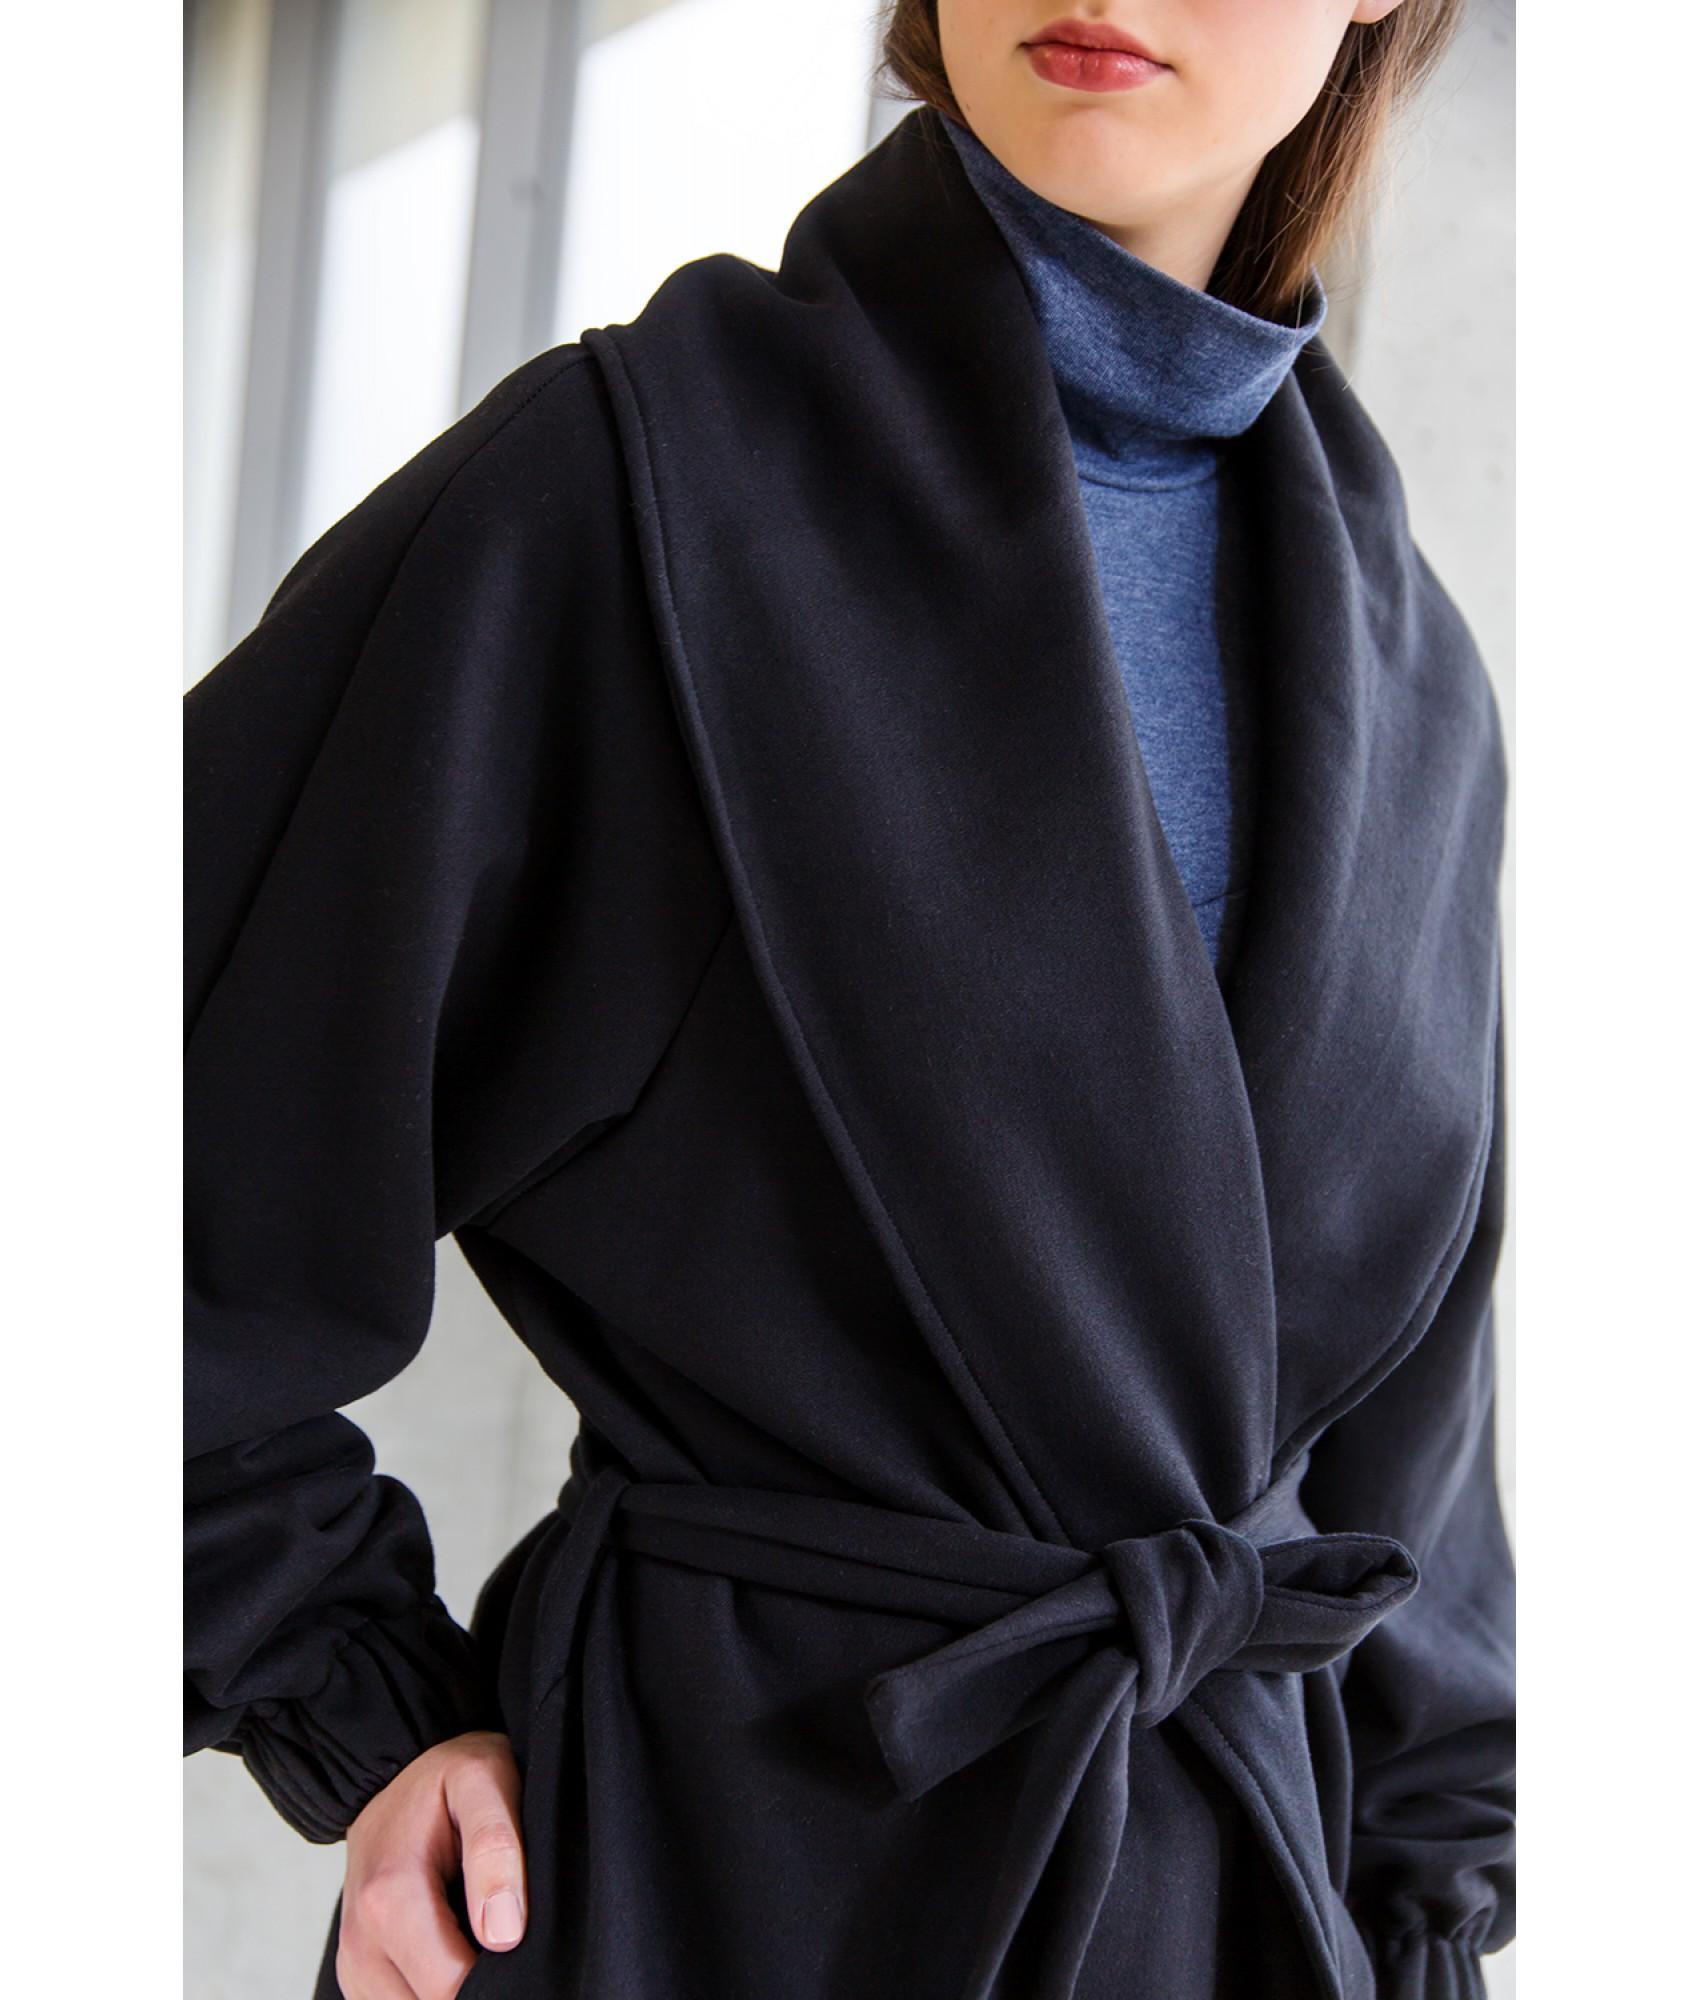 Černý kabát No. 45